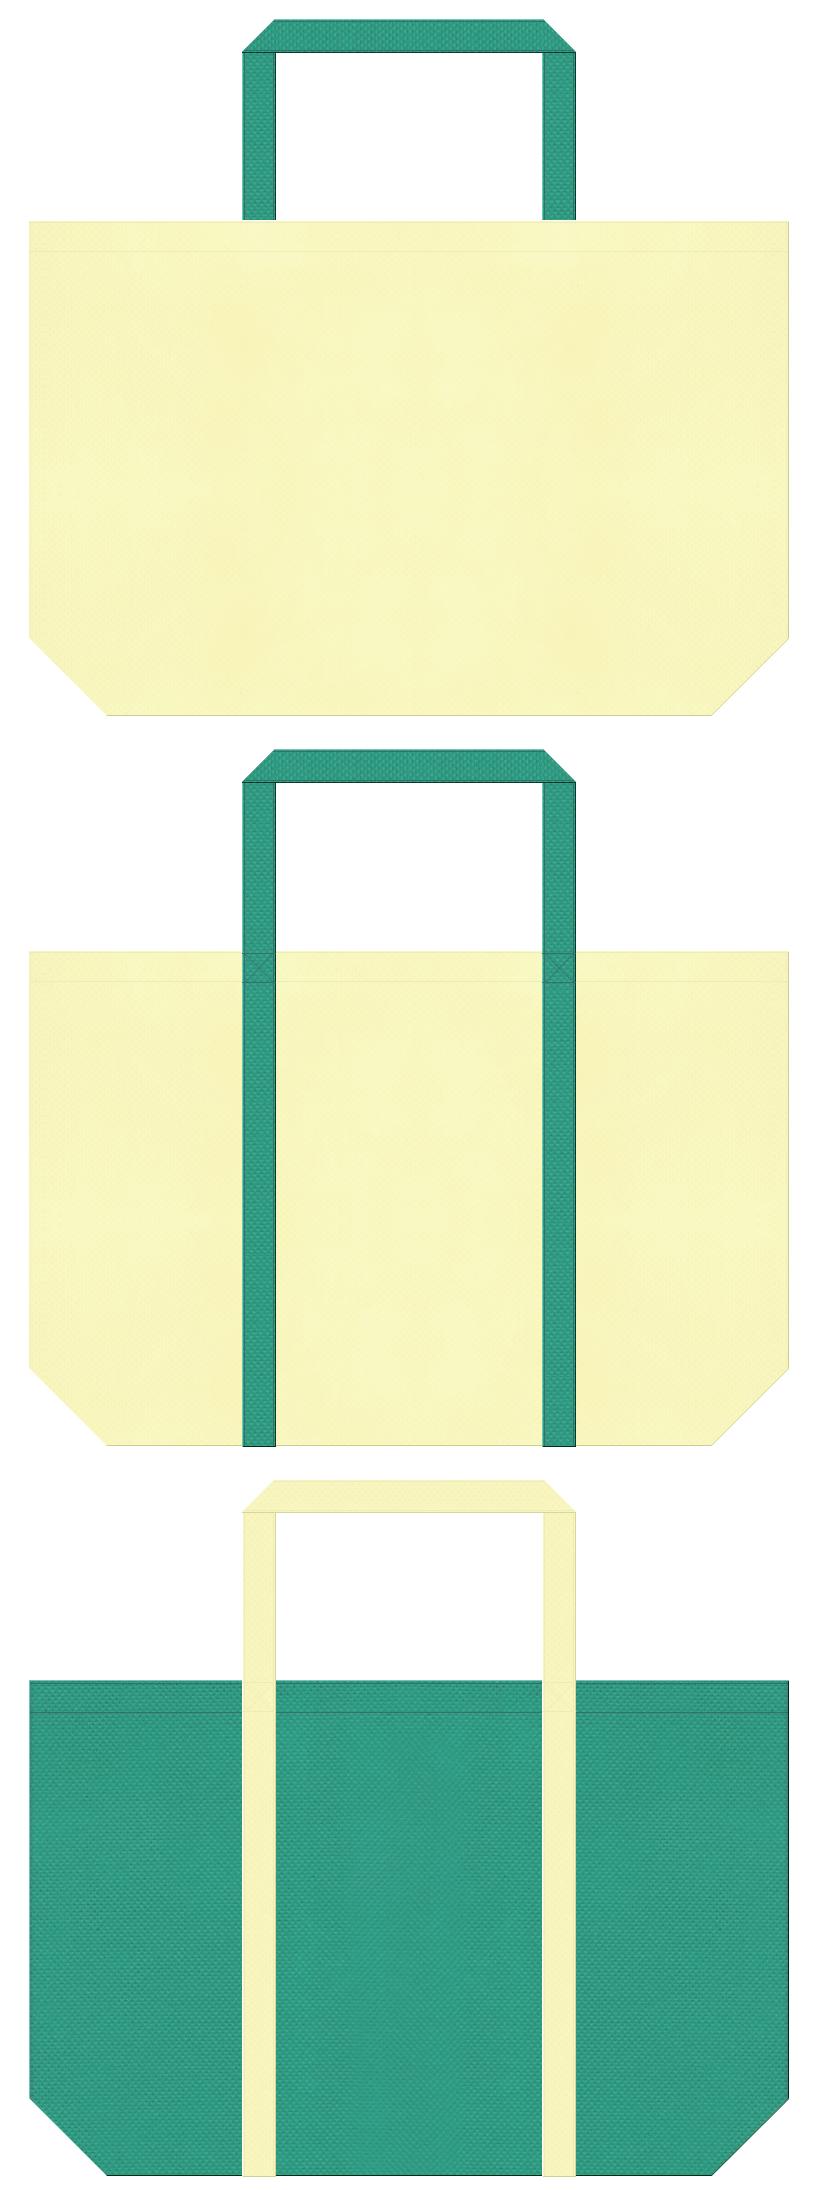 薄黄色と青緑色の不織布マイバッグデザイン。日用品のショッピングバッグにお奨めです。